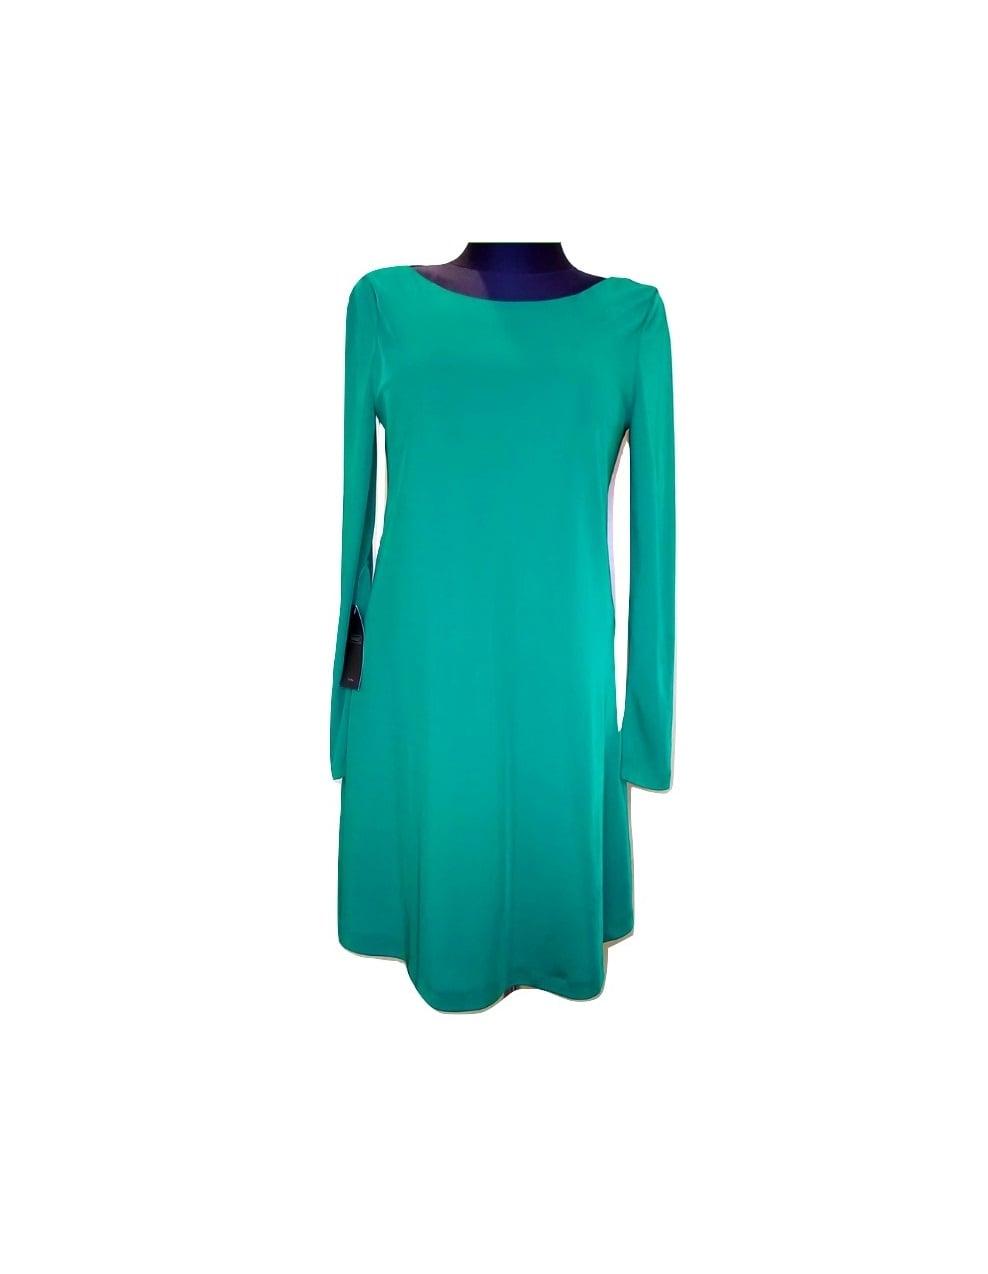 Moteriška žalia suknelė ilgomis rankovėmis, ZARA, M dydis